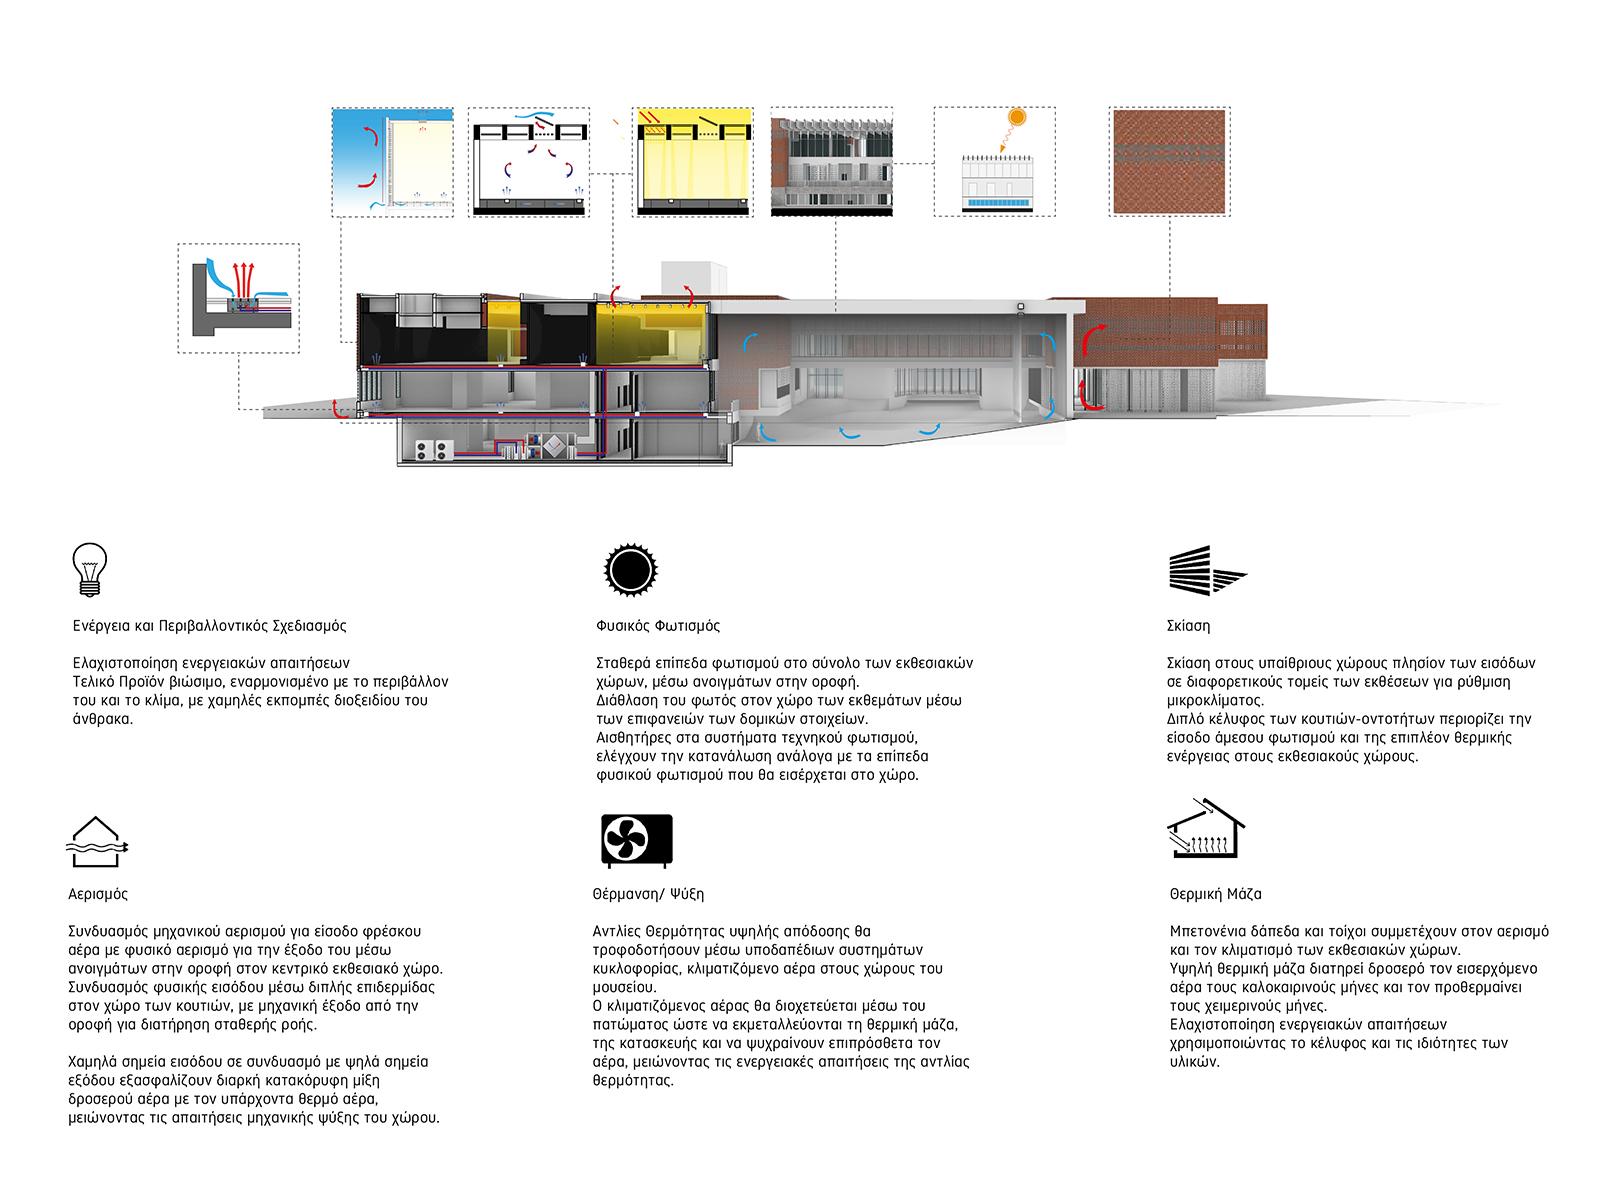 Sustainability_diagrams-1600Pixels.jpg